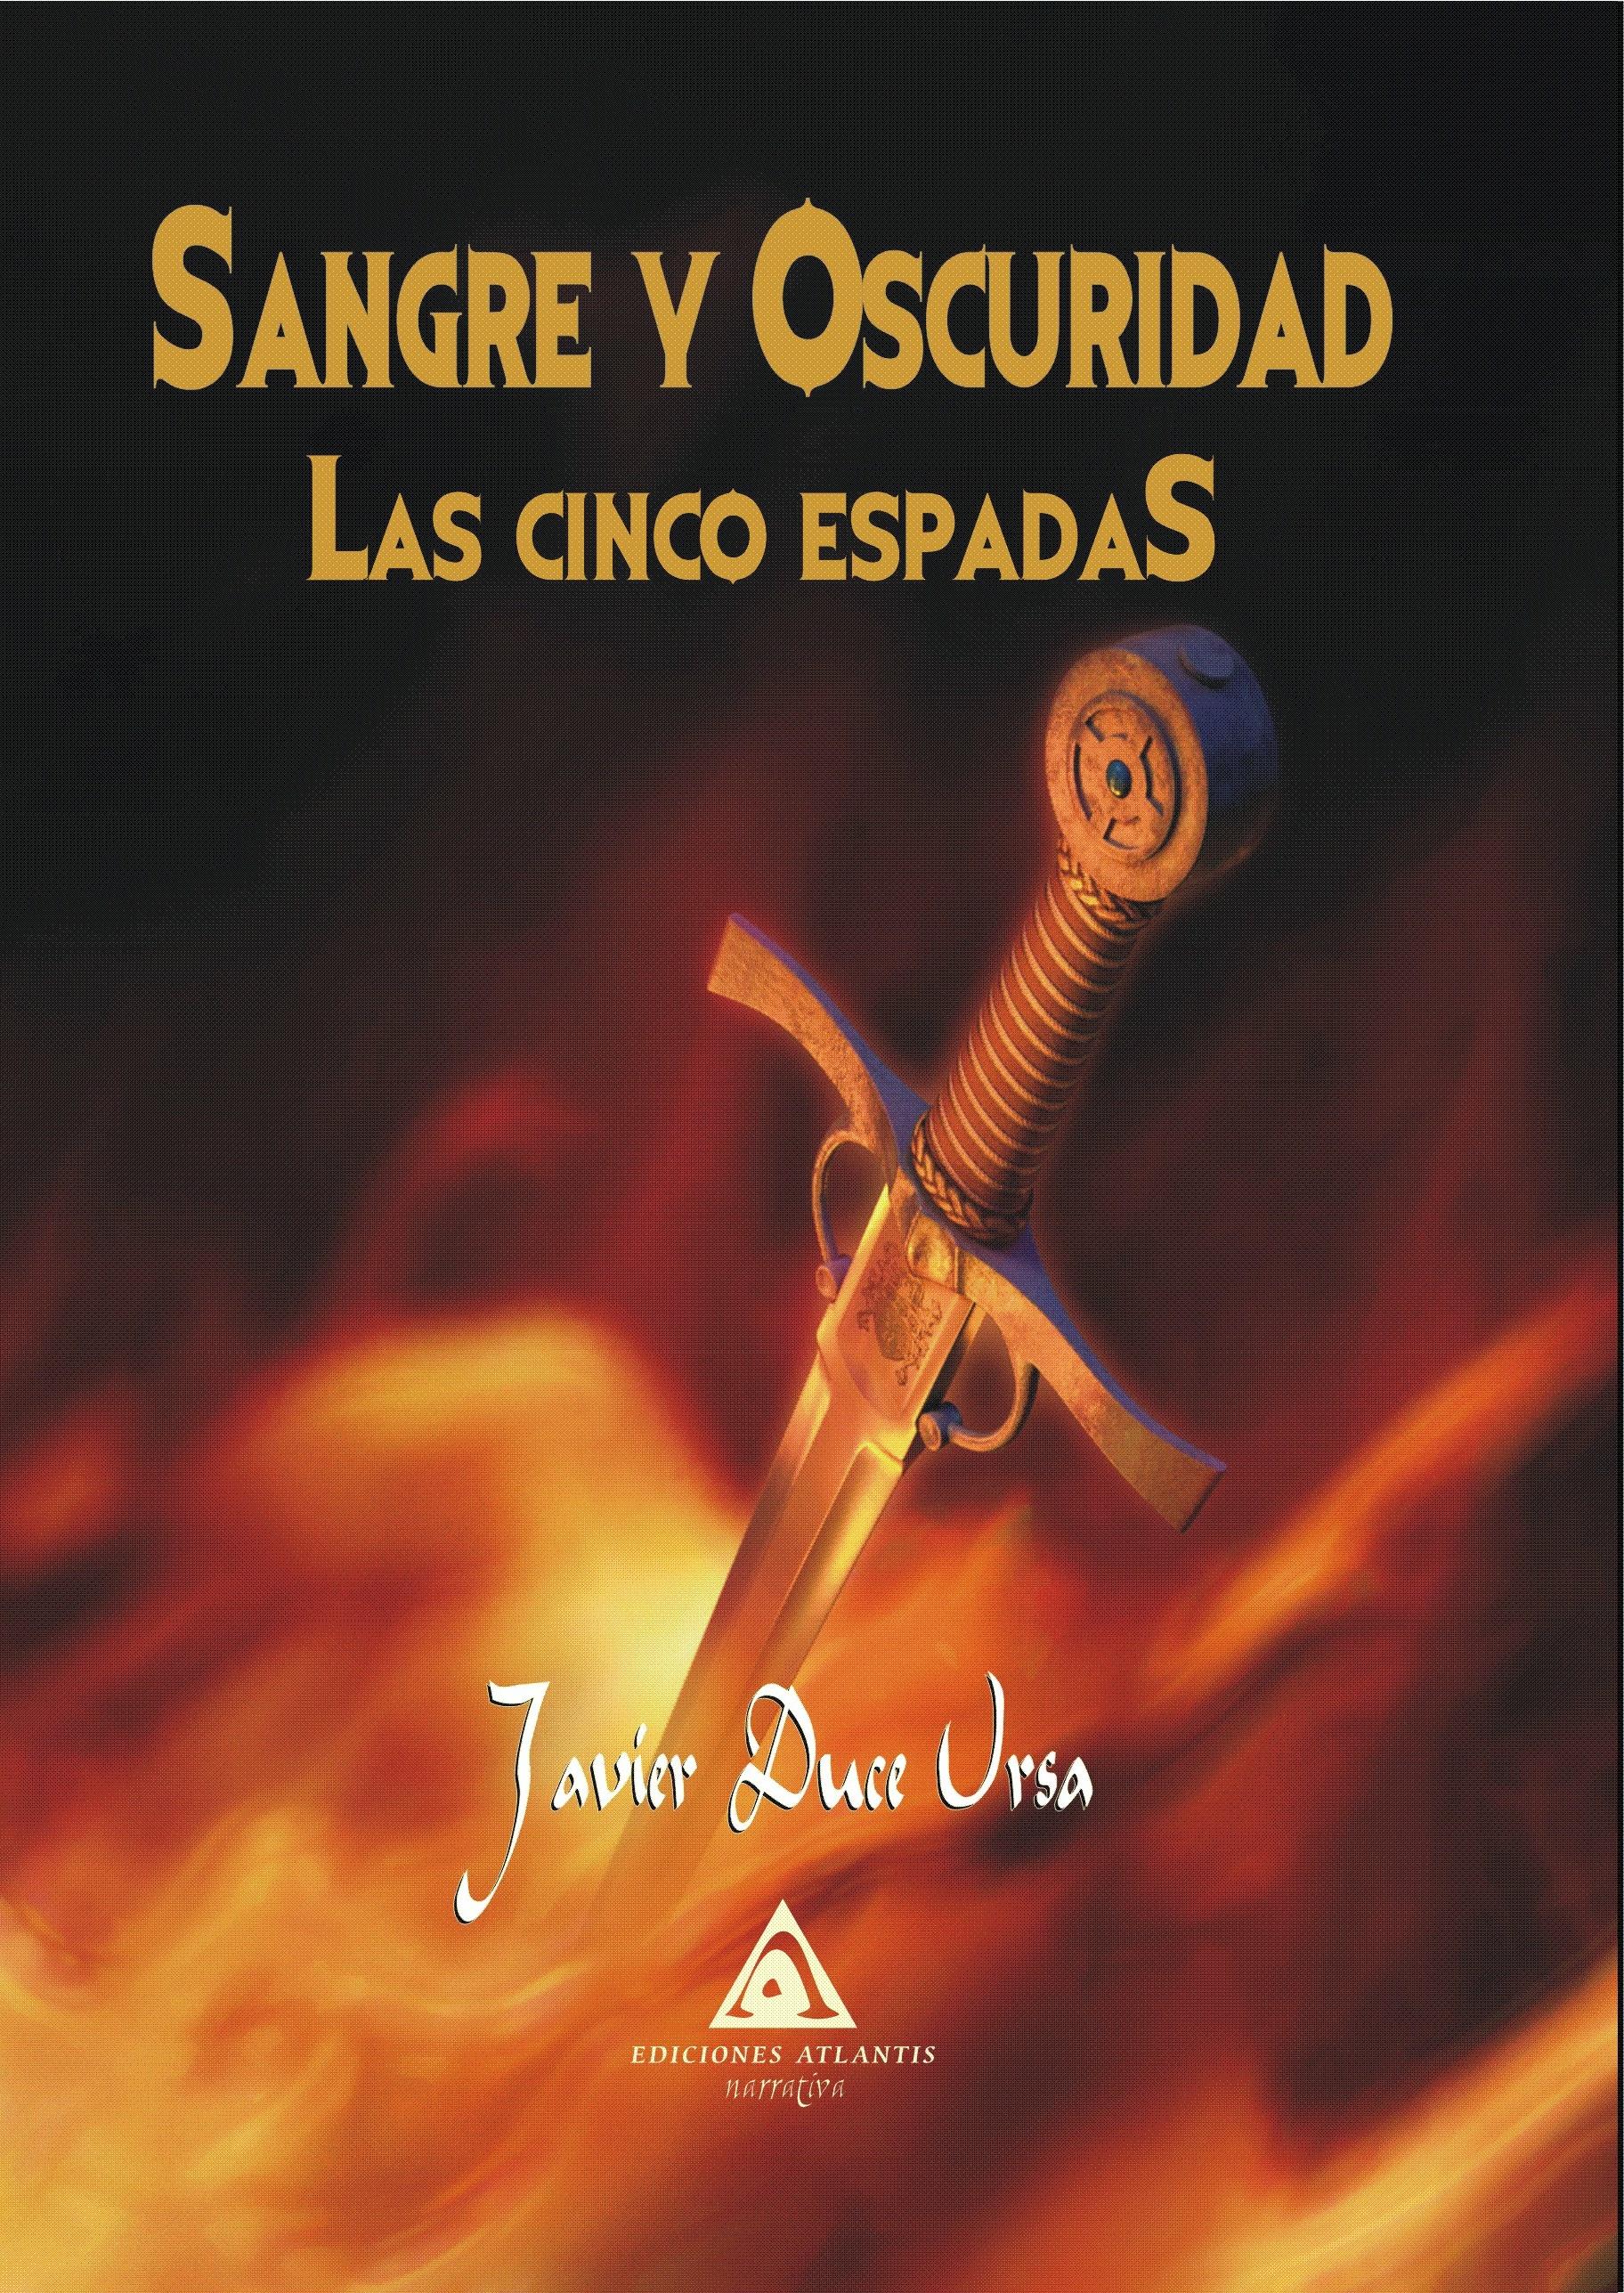 Sangre y Oscuridad - Las Cinco Espadas